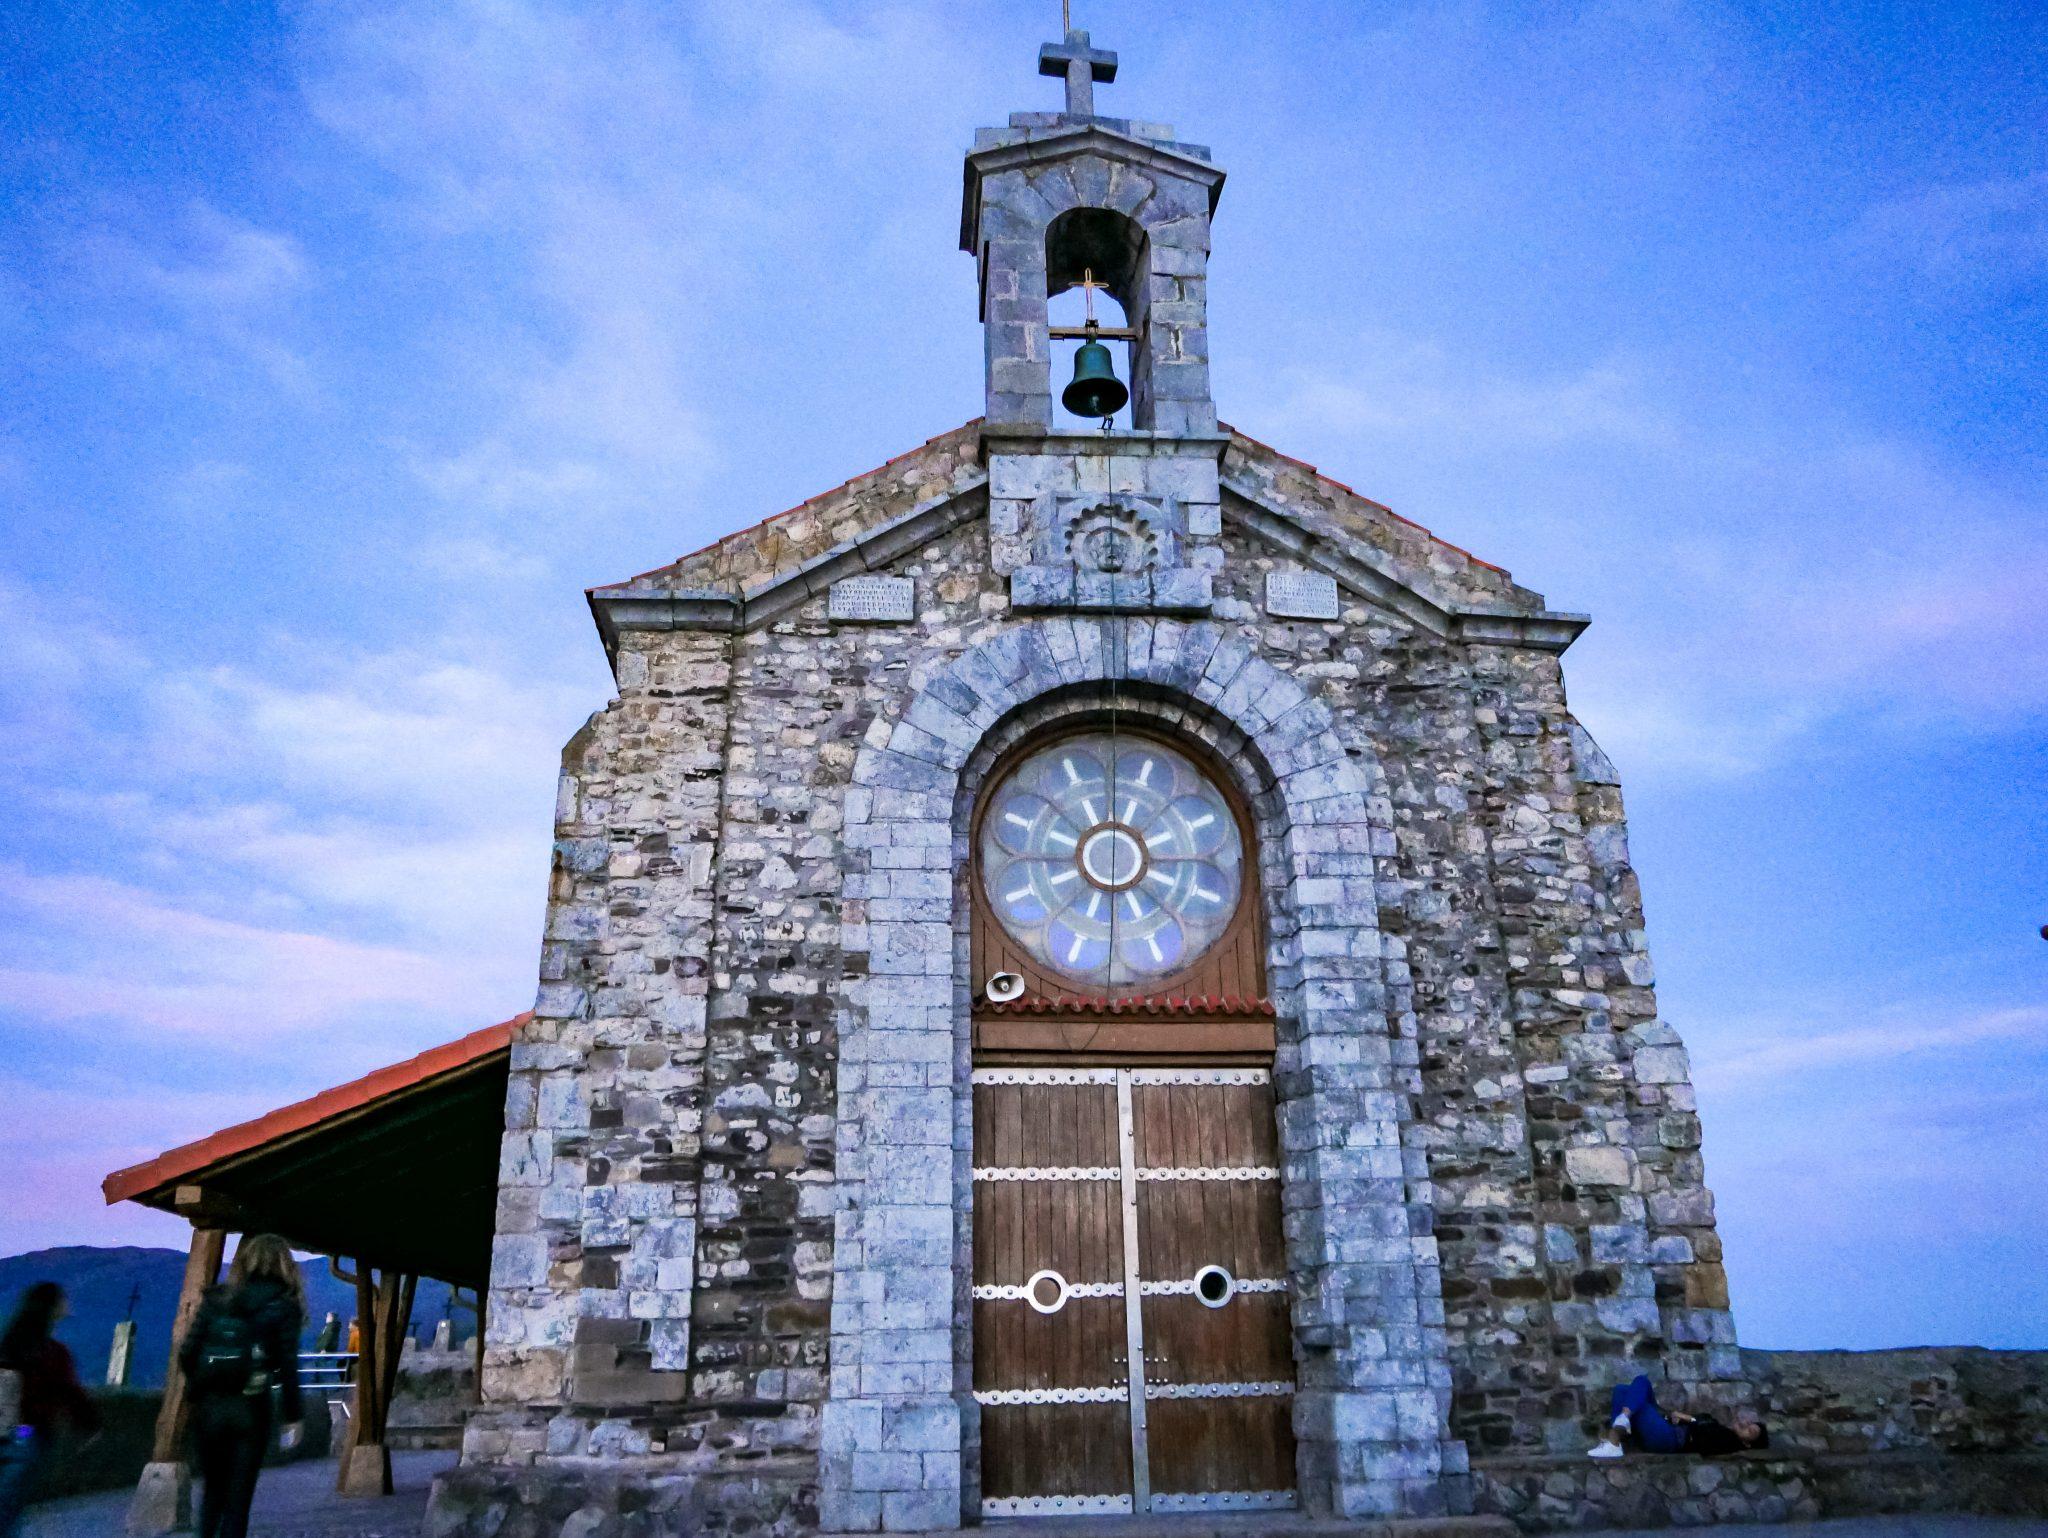 Läute drei Mal an der Glocke der Kirche von San Juan de Gaztelugatxe und wünsche dir dabei etwas - laut einer Legende geht es in Erfüllung!